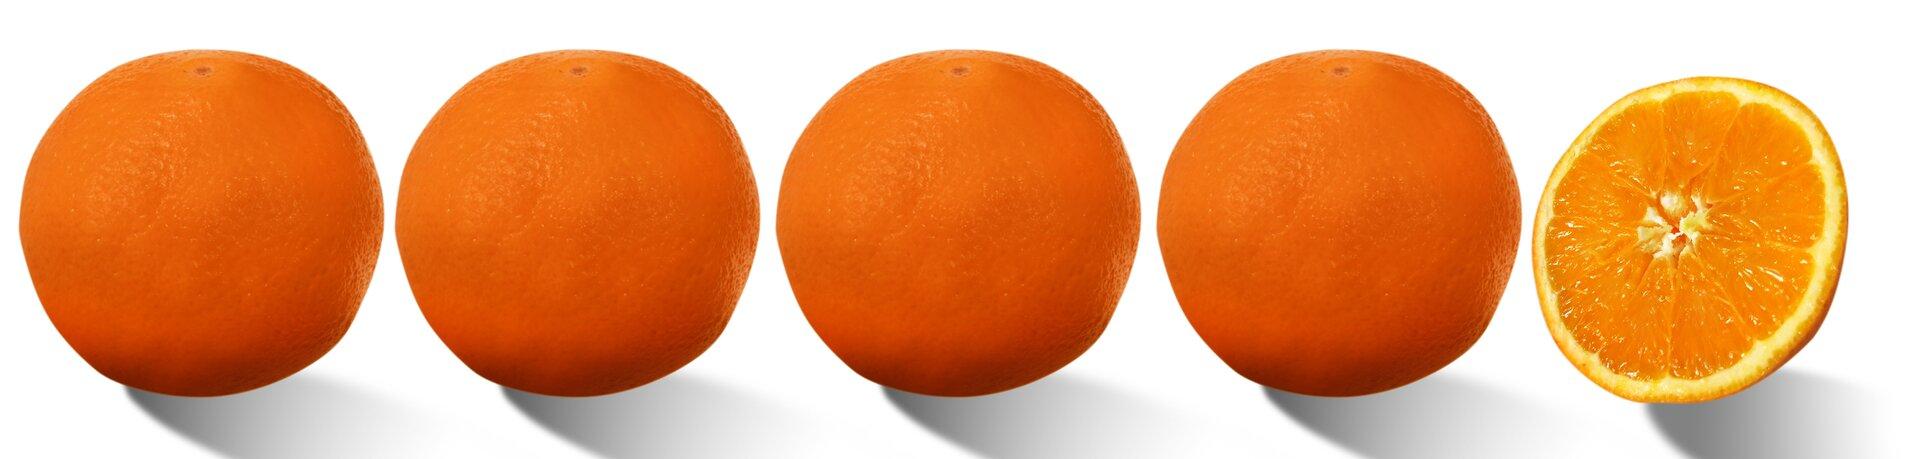 Rysunek czterech całych pomarańczy ipołowy pomarańczy.